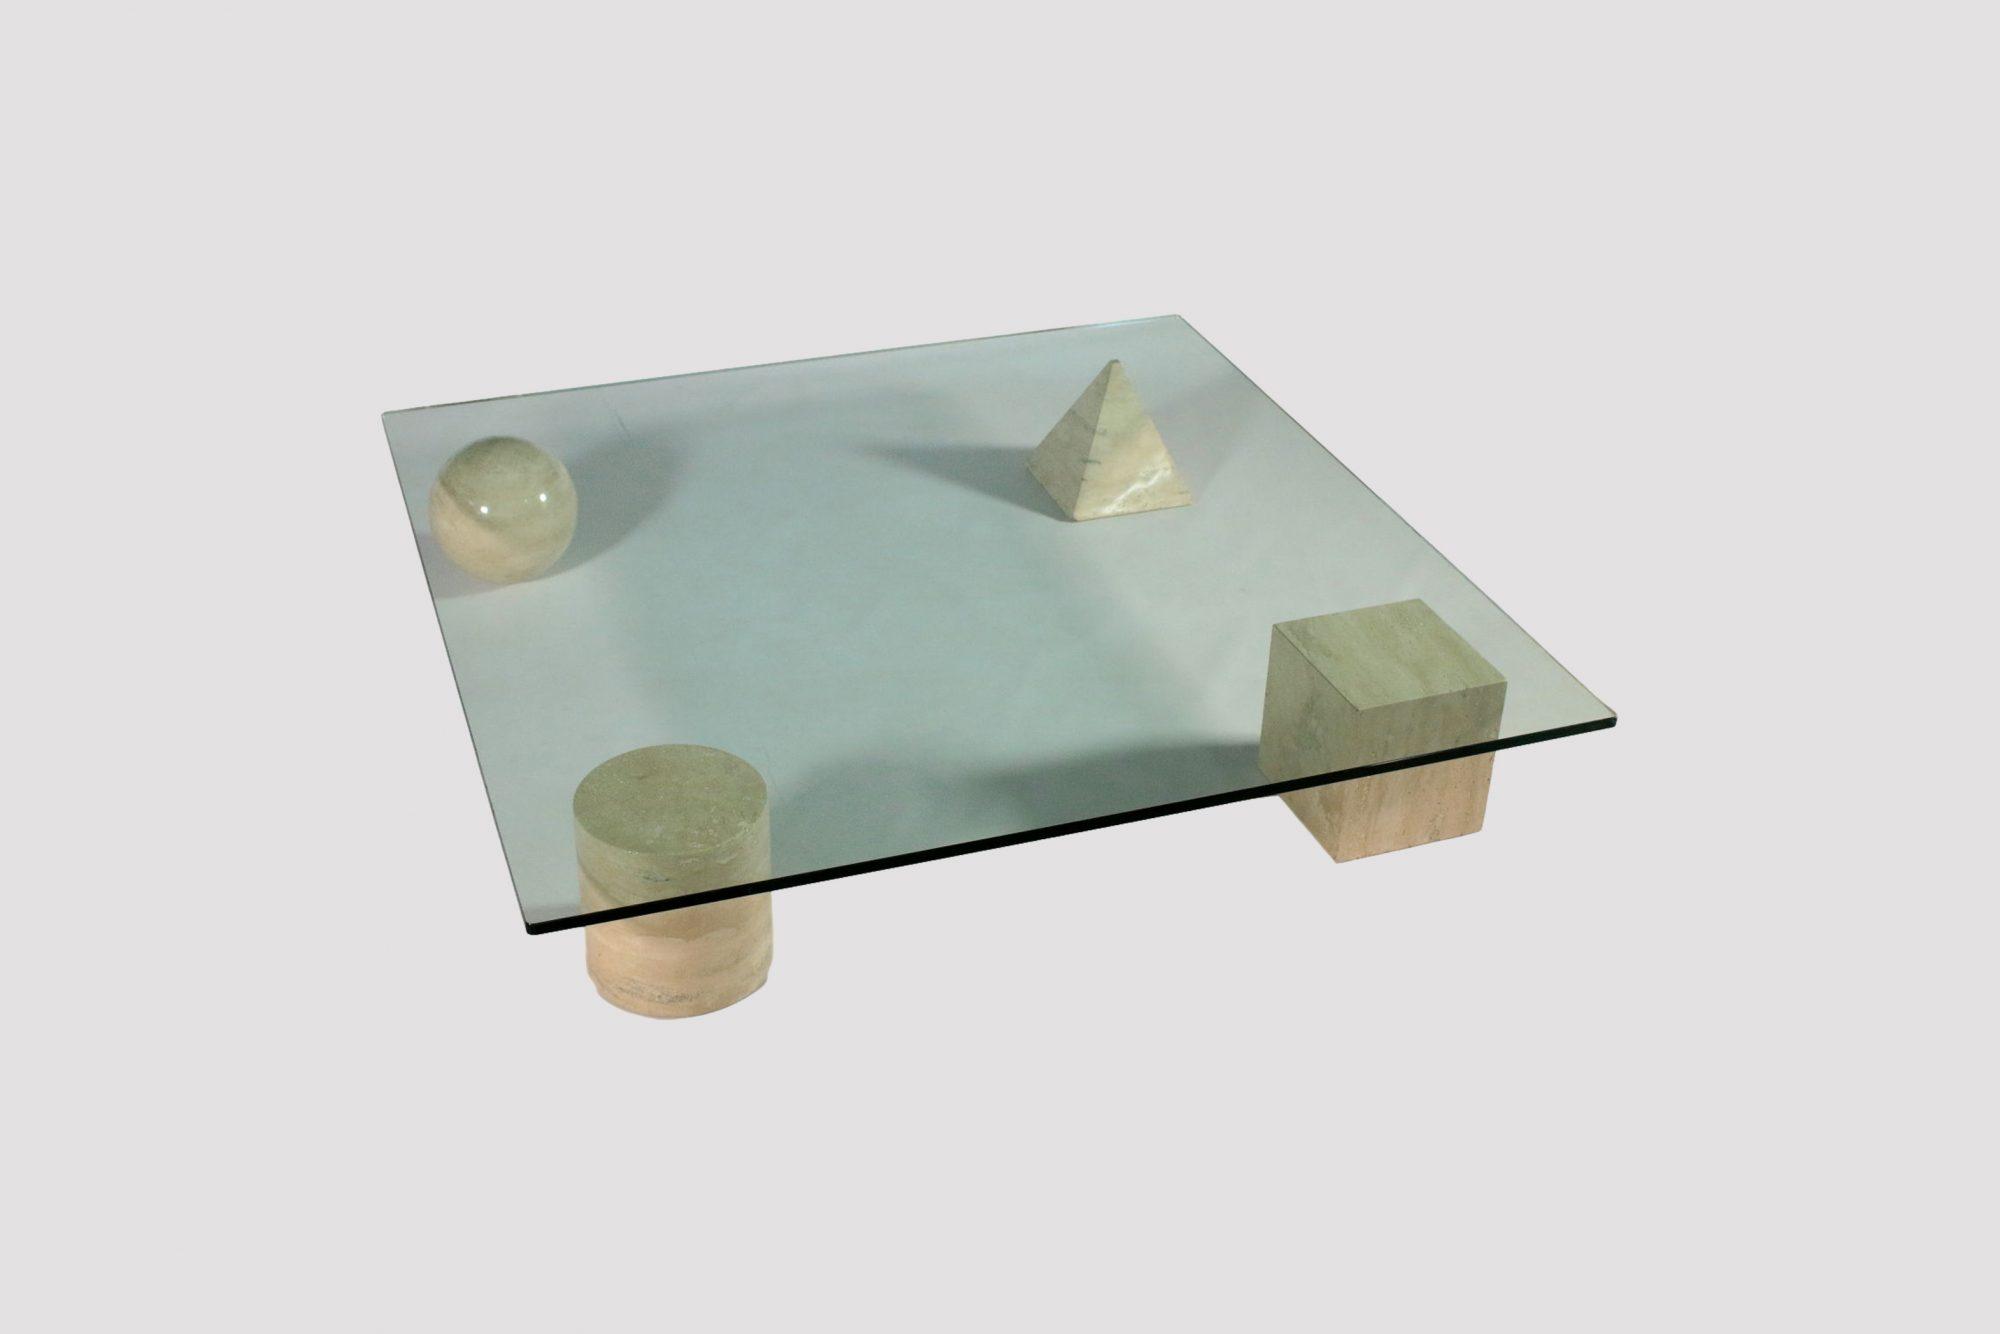 Tavolino Lella e Massimo Vignelli